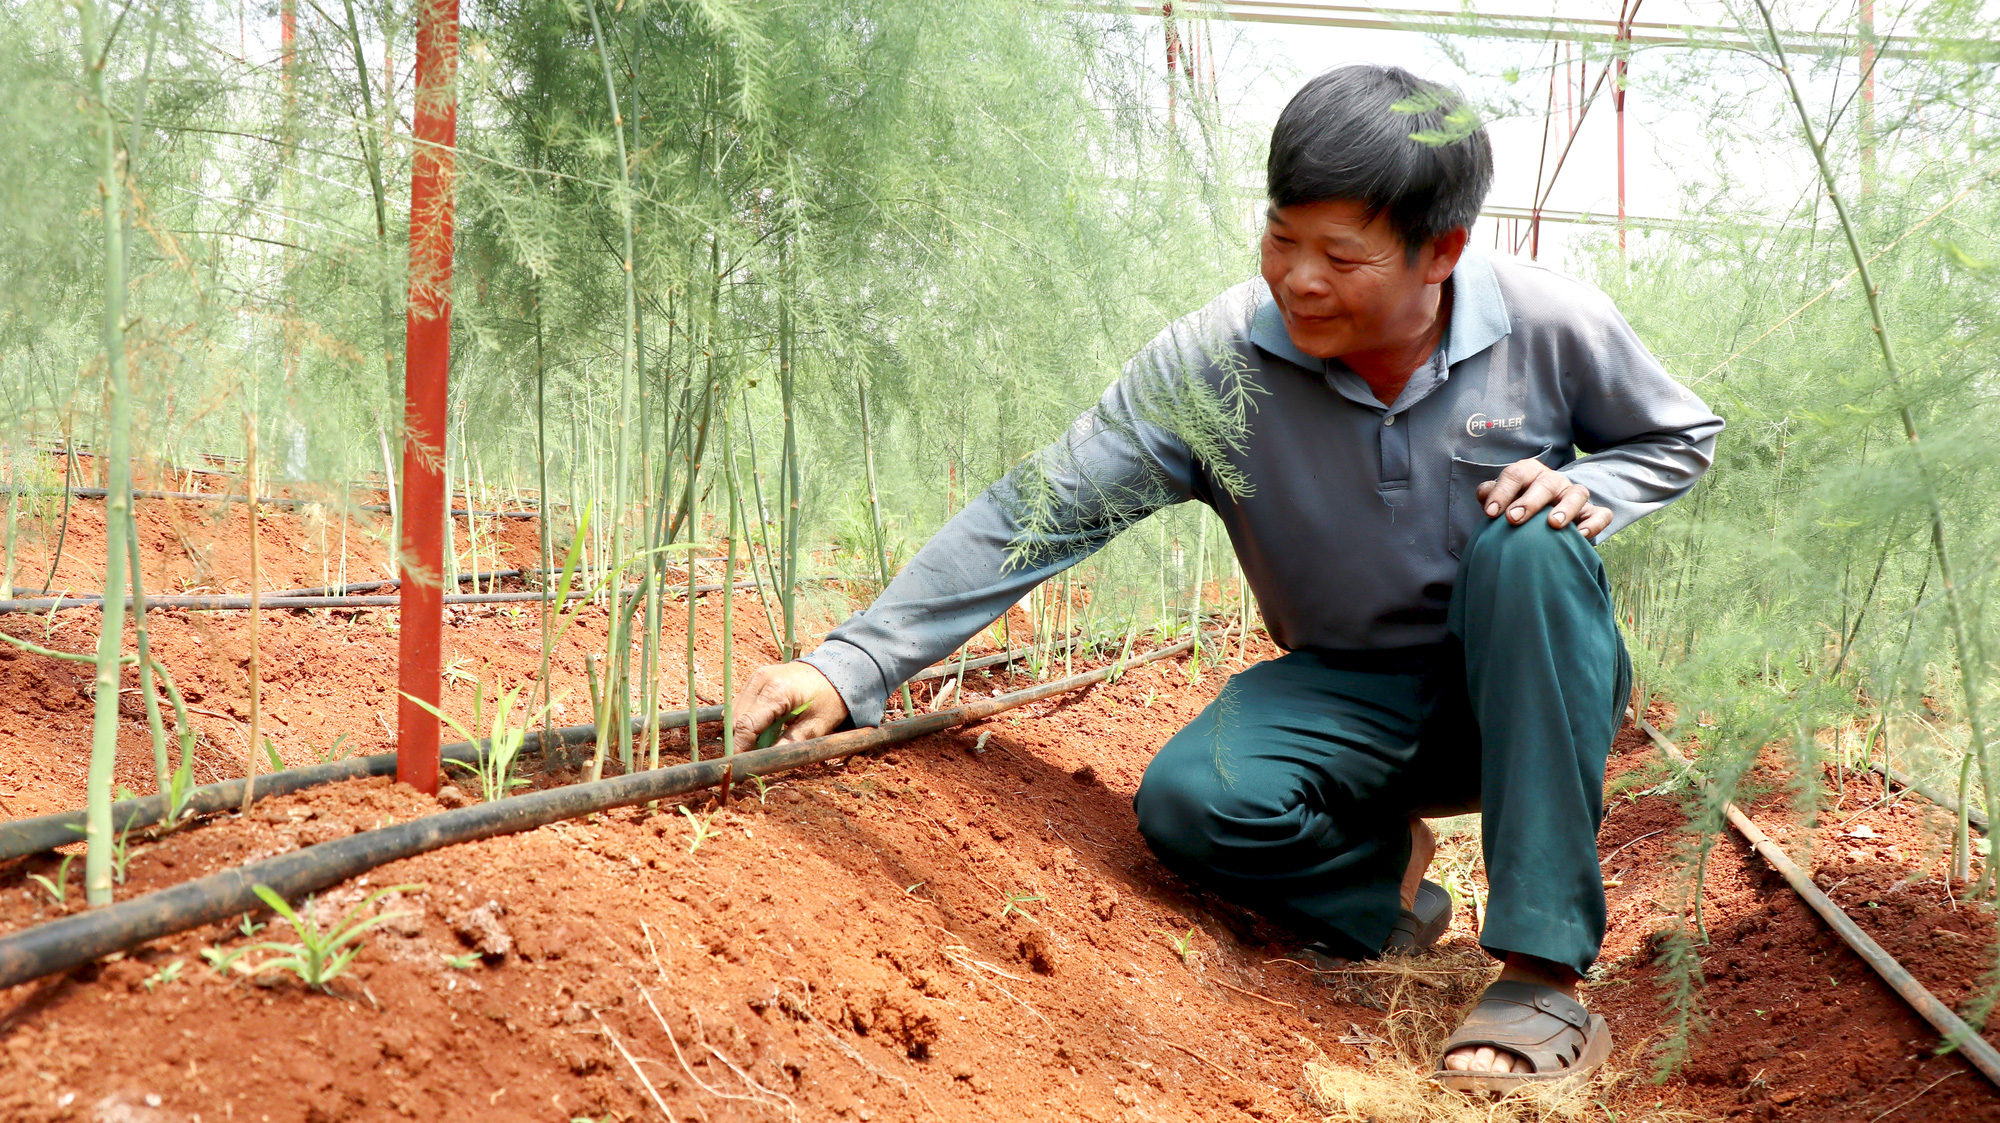 Trồng măng tây xanh, lão nông này có lợi nhuận gấp 4-5 lần cà phê - Ảnh 1.